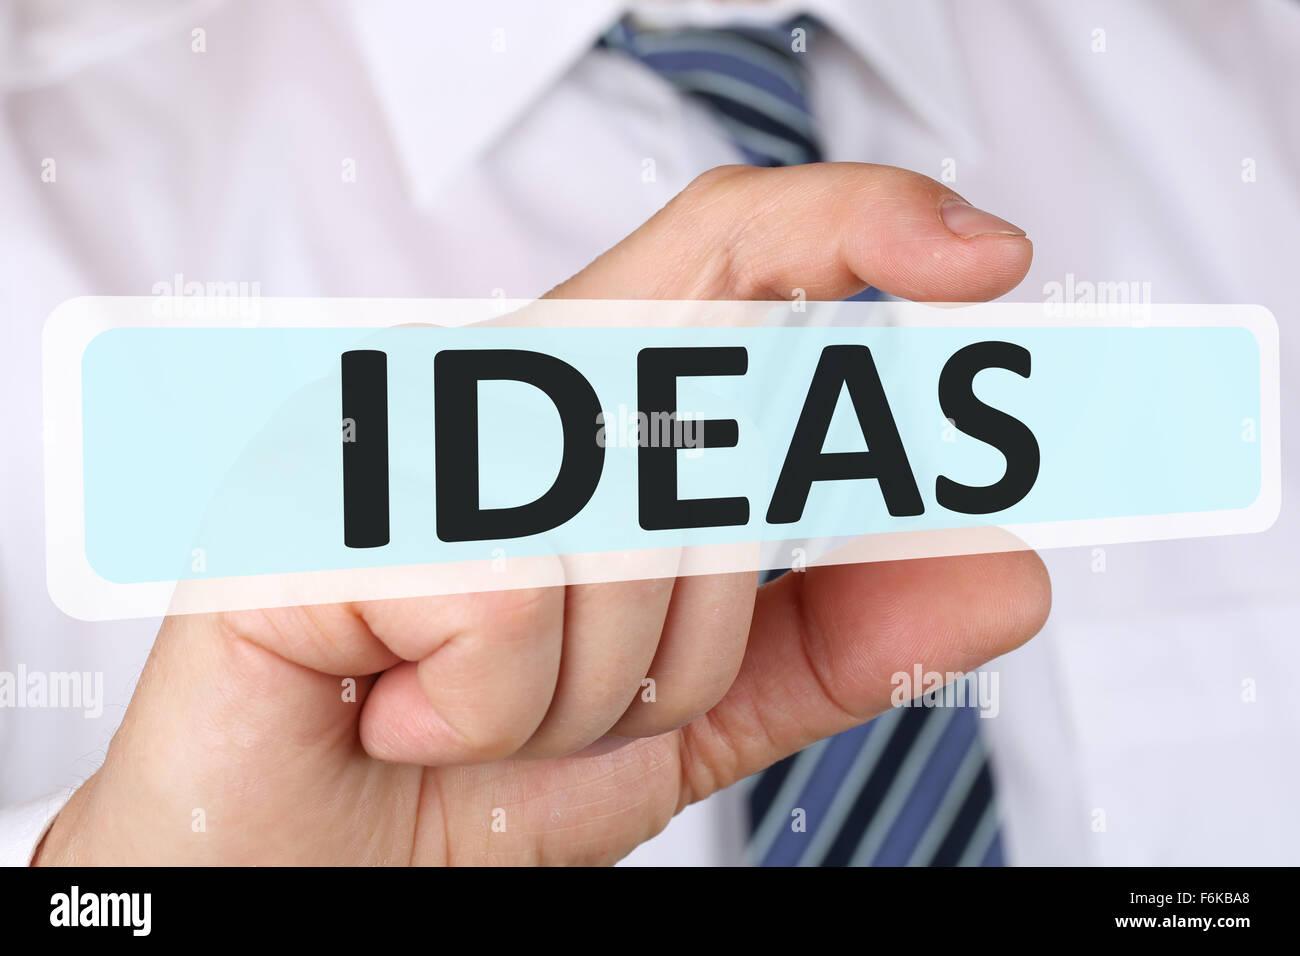 Unternehmer-Business-Konzept mit Ideen zu erfolgreichen Erfolg und Wachstum Stockbild